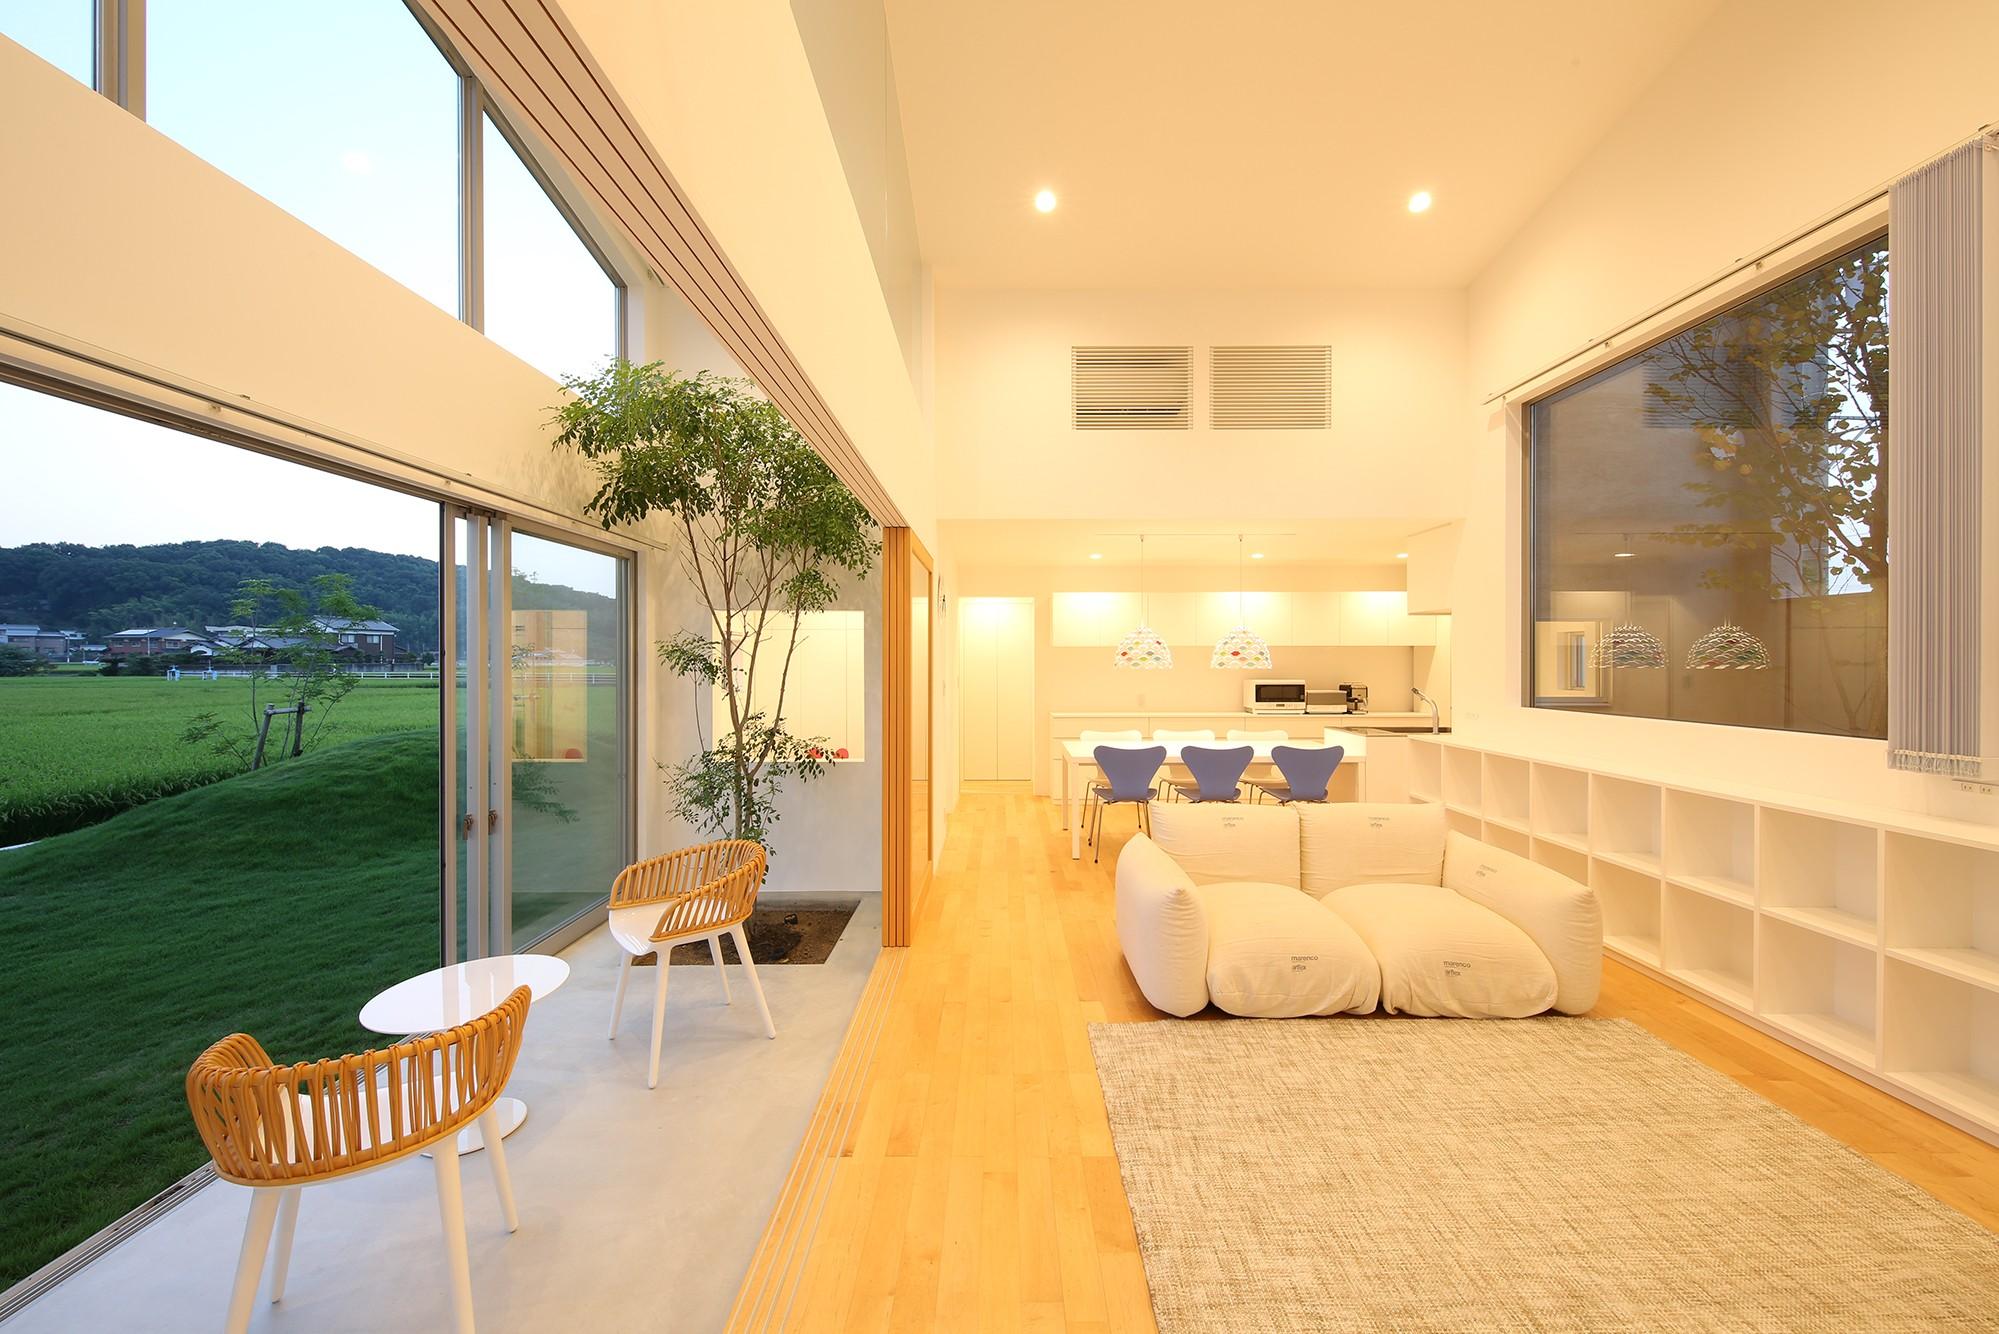 リビングダイニング事例:LDK06(House in Kawanabe ~緑と共に暮らす家~)